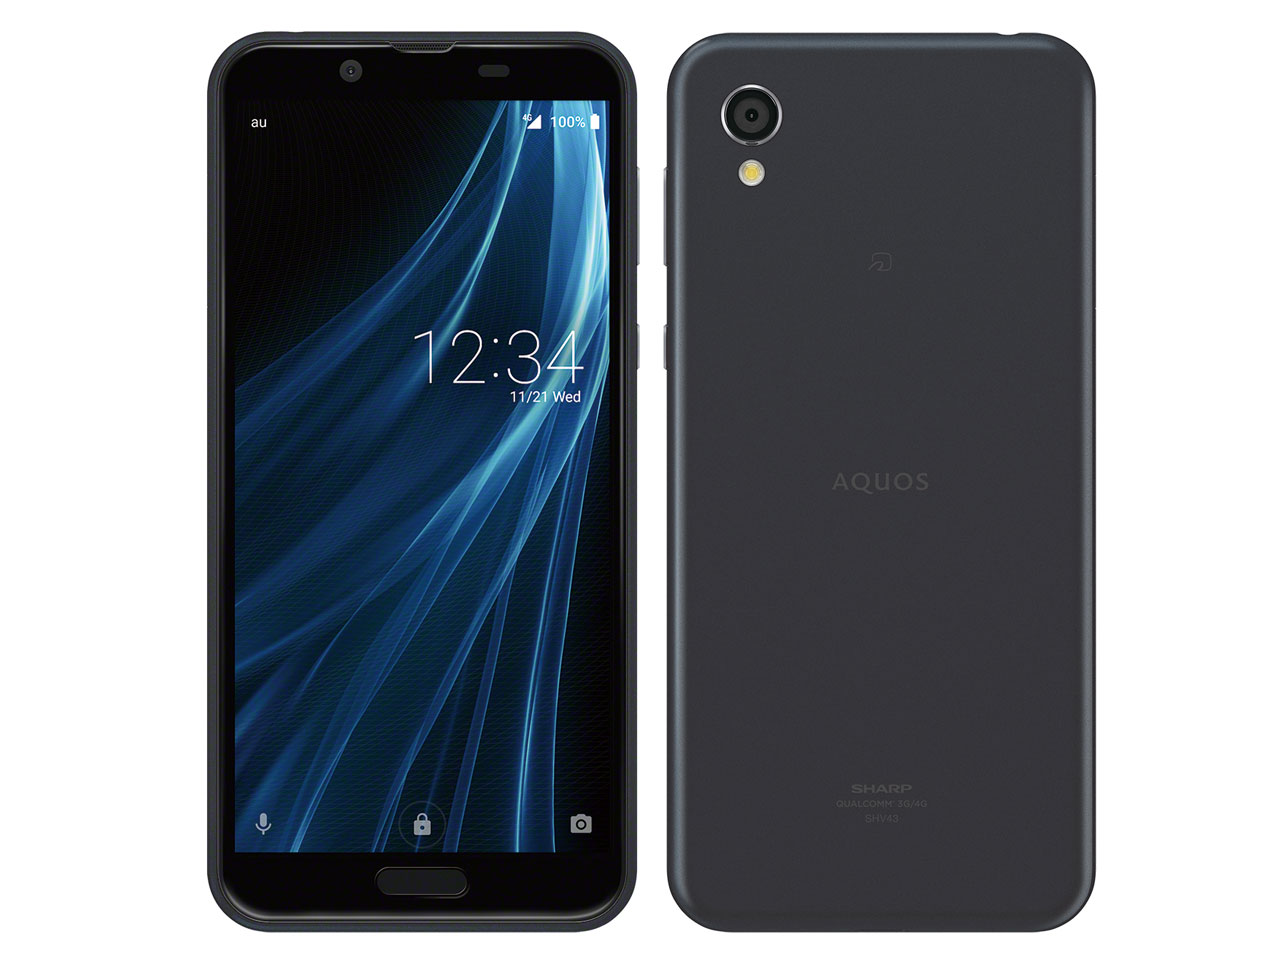 【新品・白ロム・本体】SIMロック解除済 au AQUOS sense2 SHV43 ニュアンスブラック Nuance Black スマートフォン 携帯電話 SHARP(シャープ) SHV43 shv43 shv43